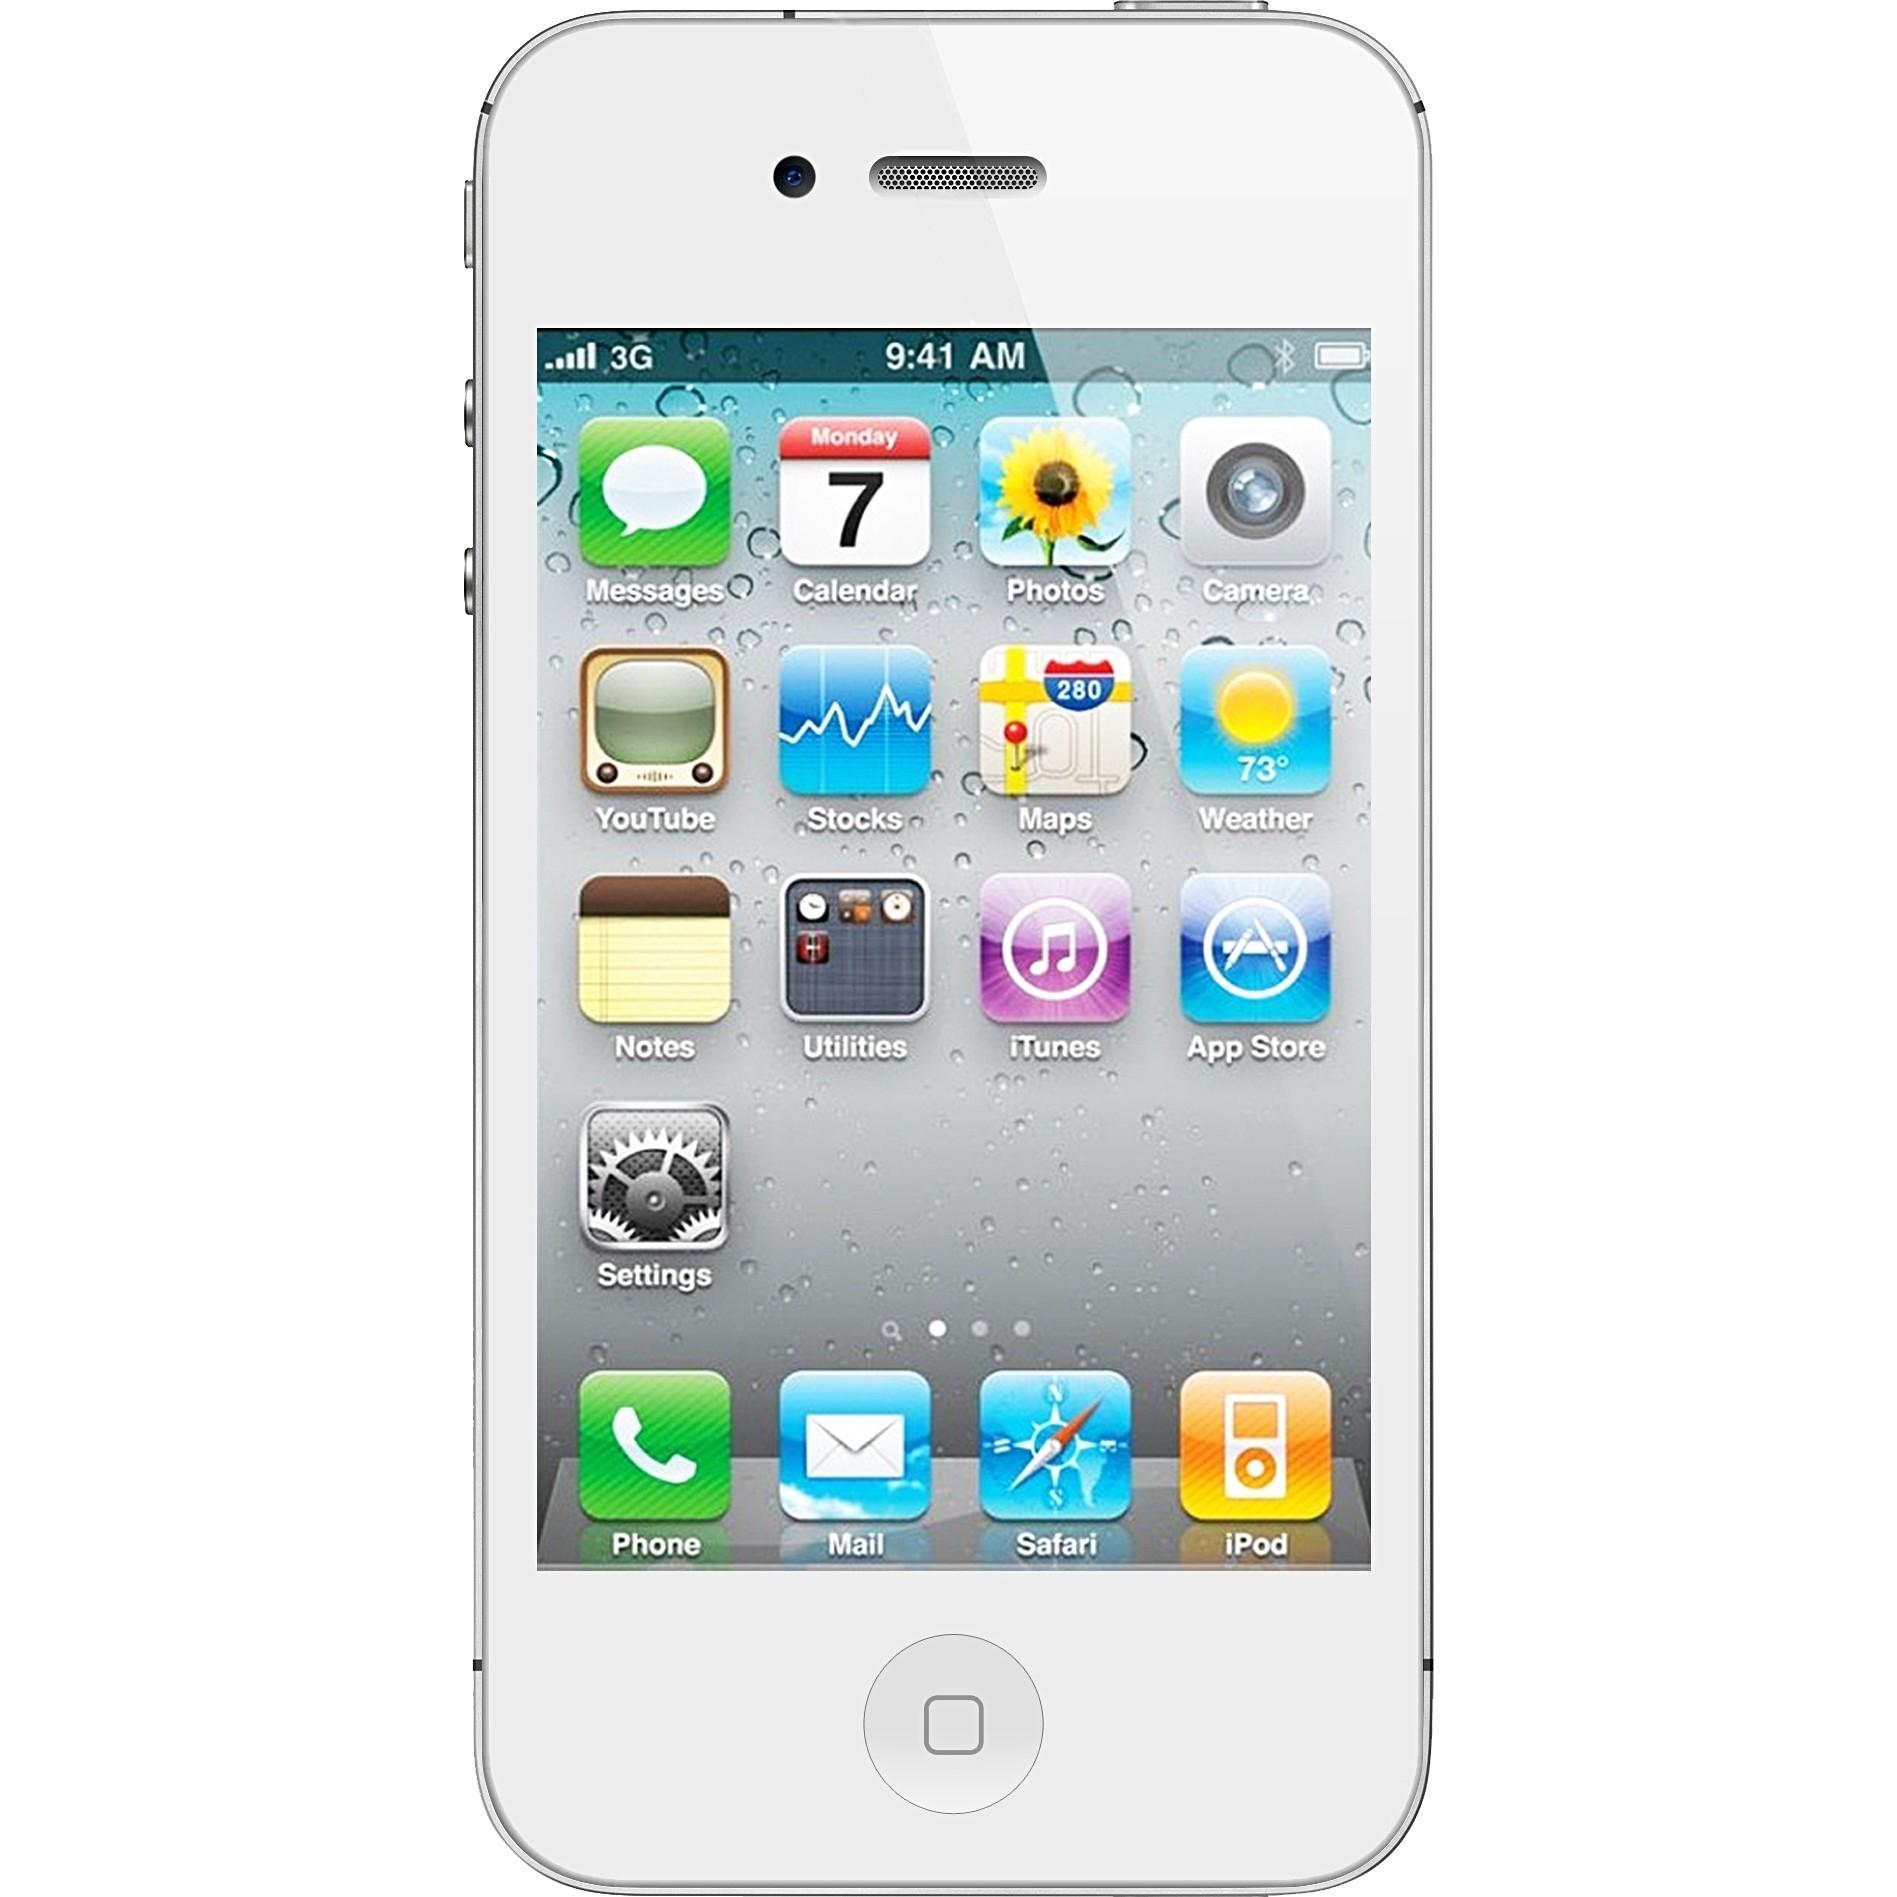 купить в киеве iphone 4s